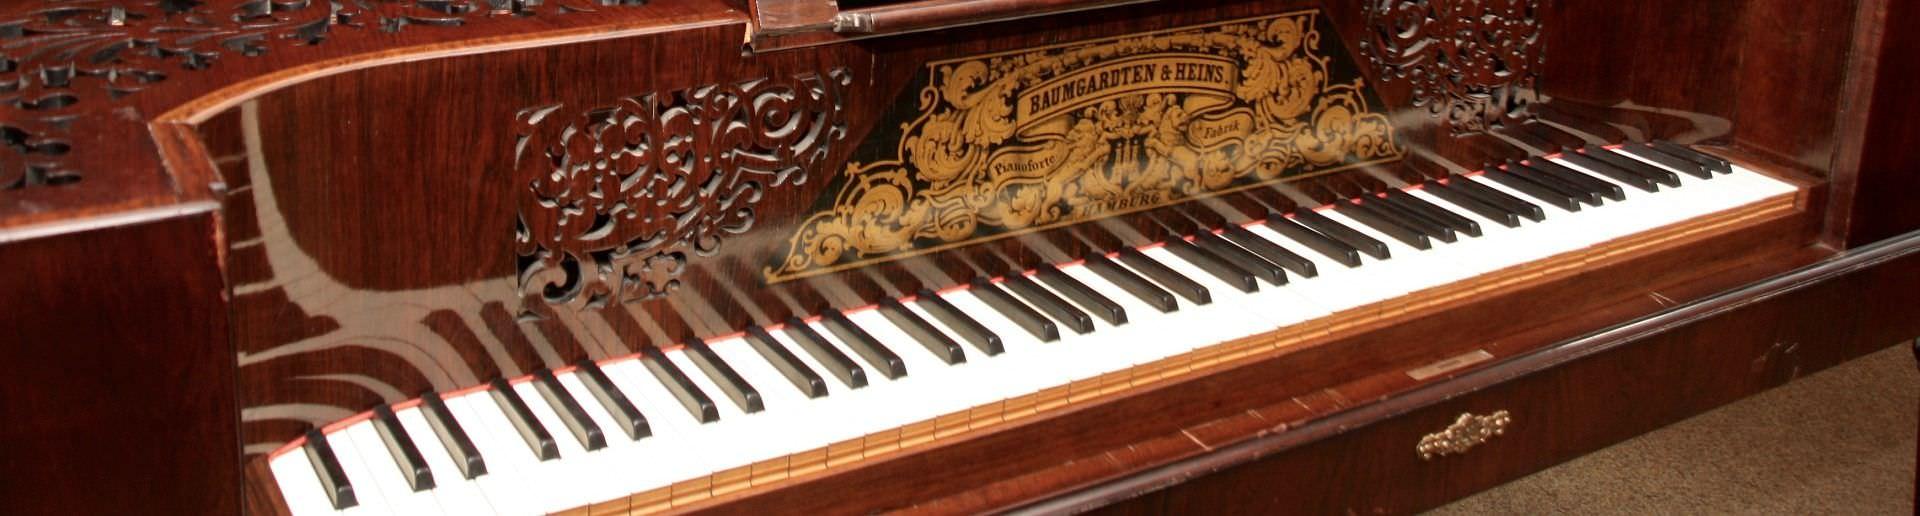 Brahms Hamburg Baumgardten und Heins